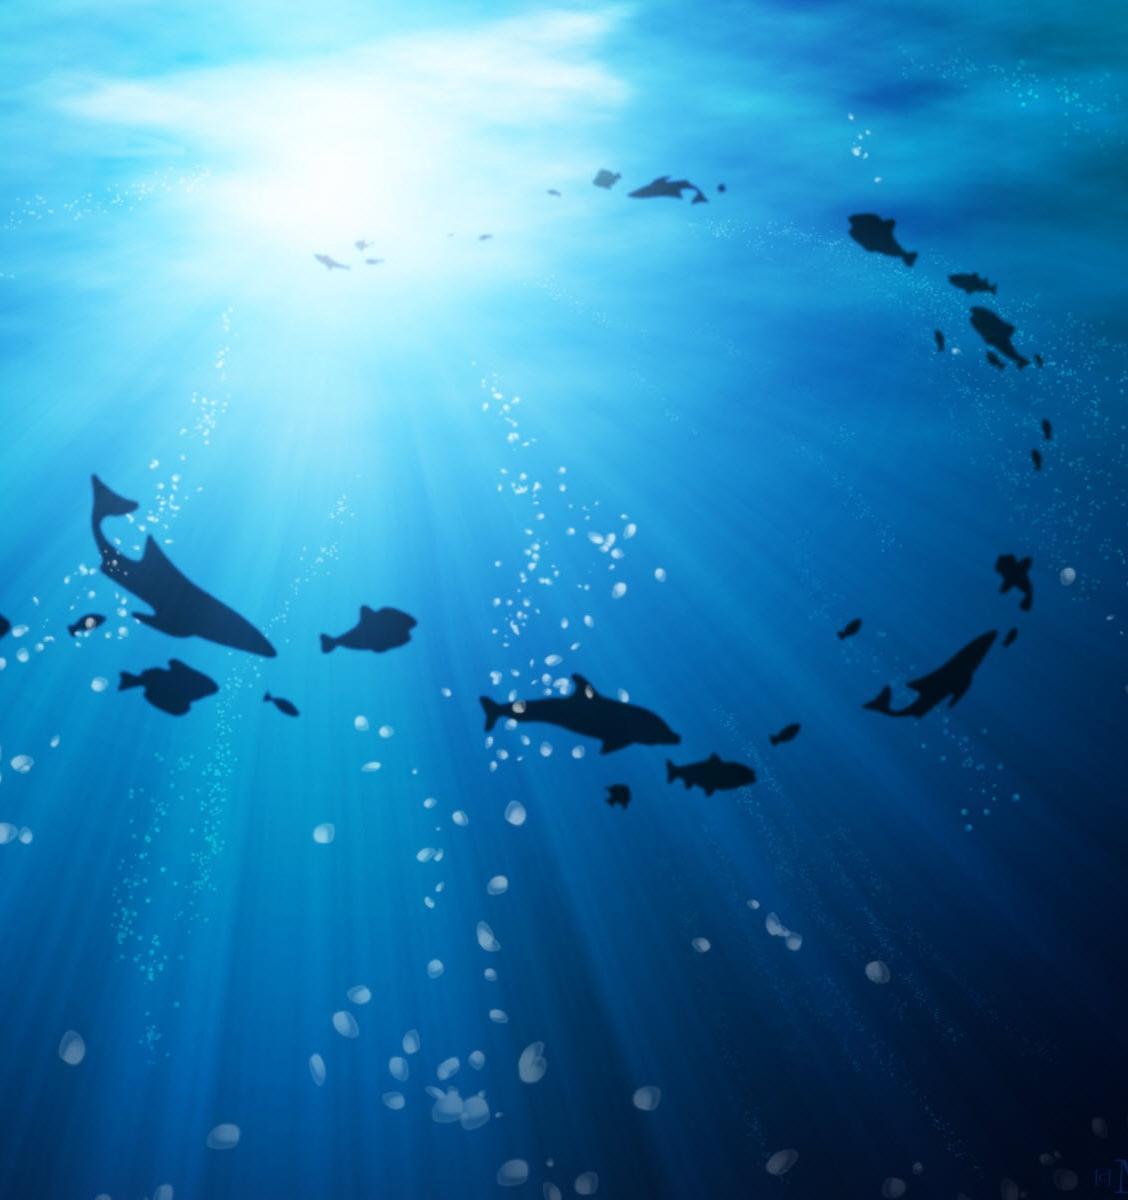 В каких видах рыб больше всего микропластика и как избежать его попадания в организм